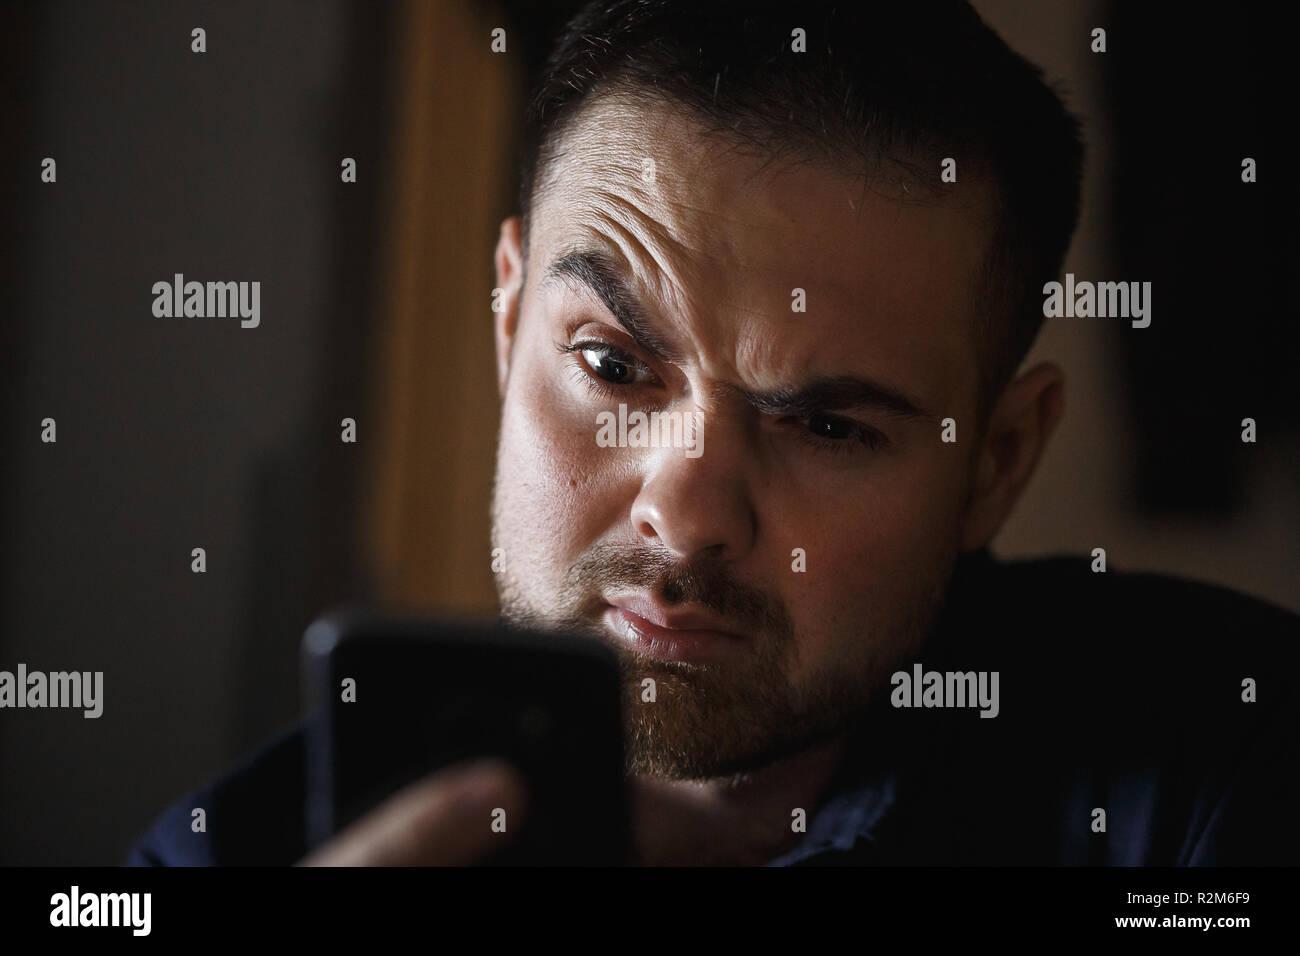 Der bärtige Mann mittleren Alters amazedly Suchen in dem dunklen Raum an das Smartphone. Close Up. Stockfoto